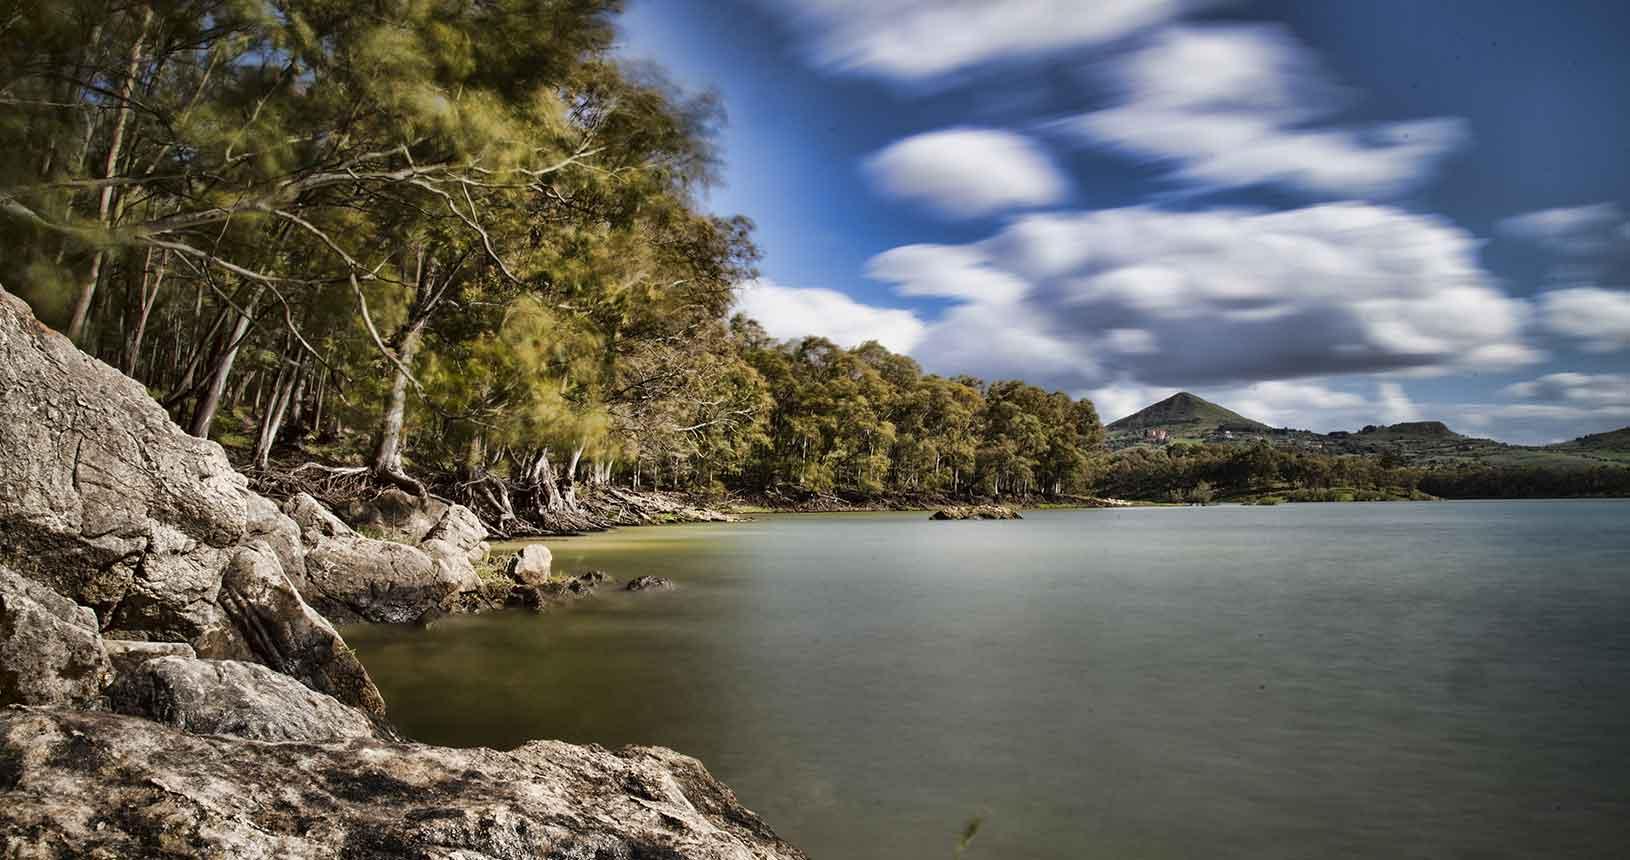 Particolare del bosco di eucalipto sulle rive del lago